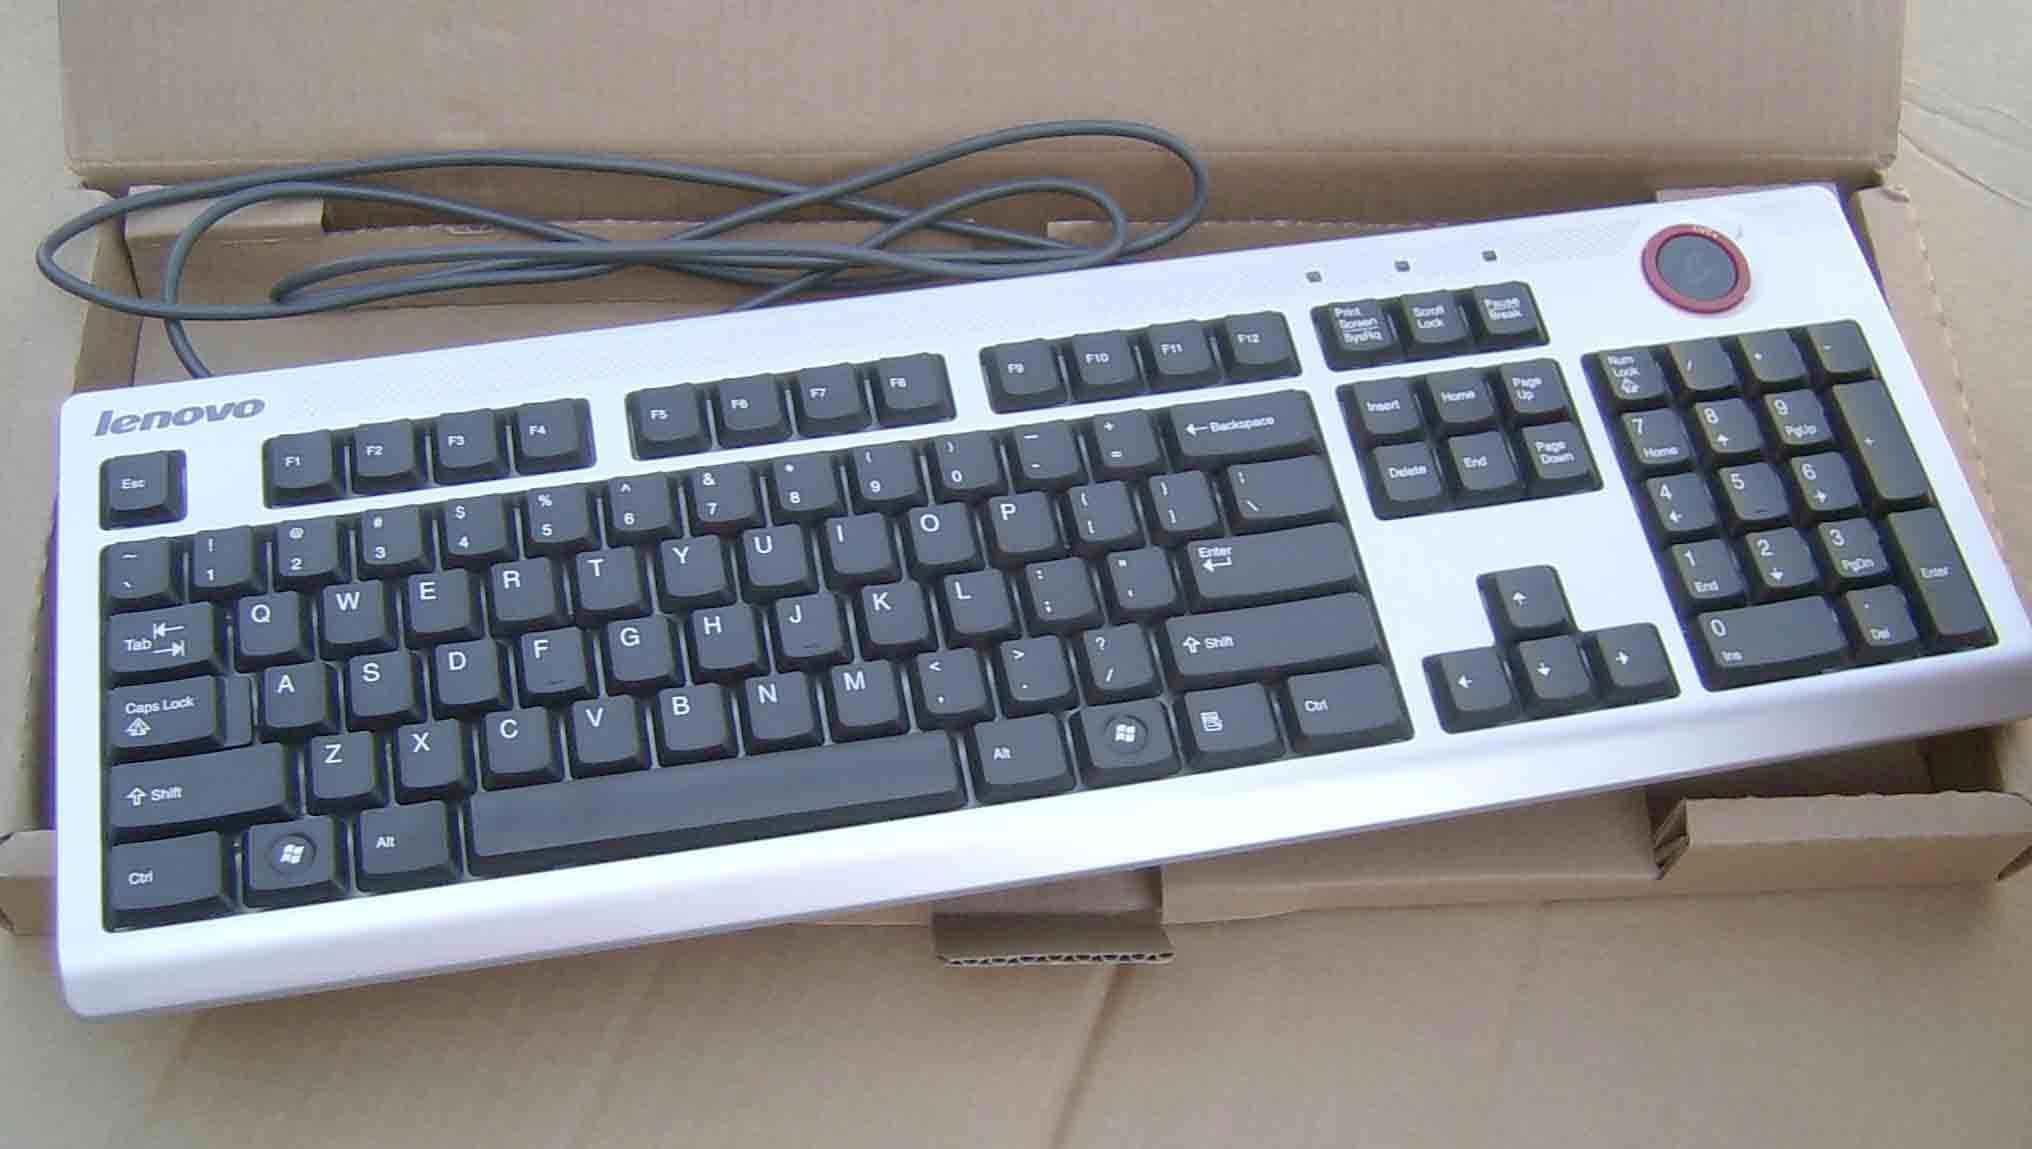 聯想米色鍵盤和明基鍵誰好?圖片